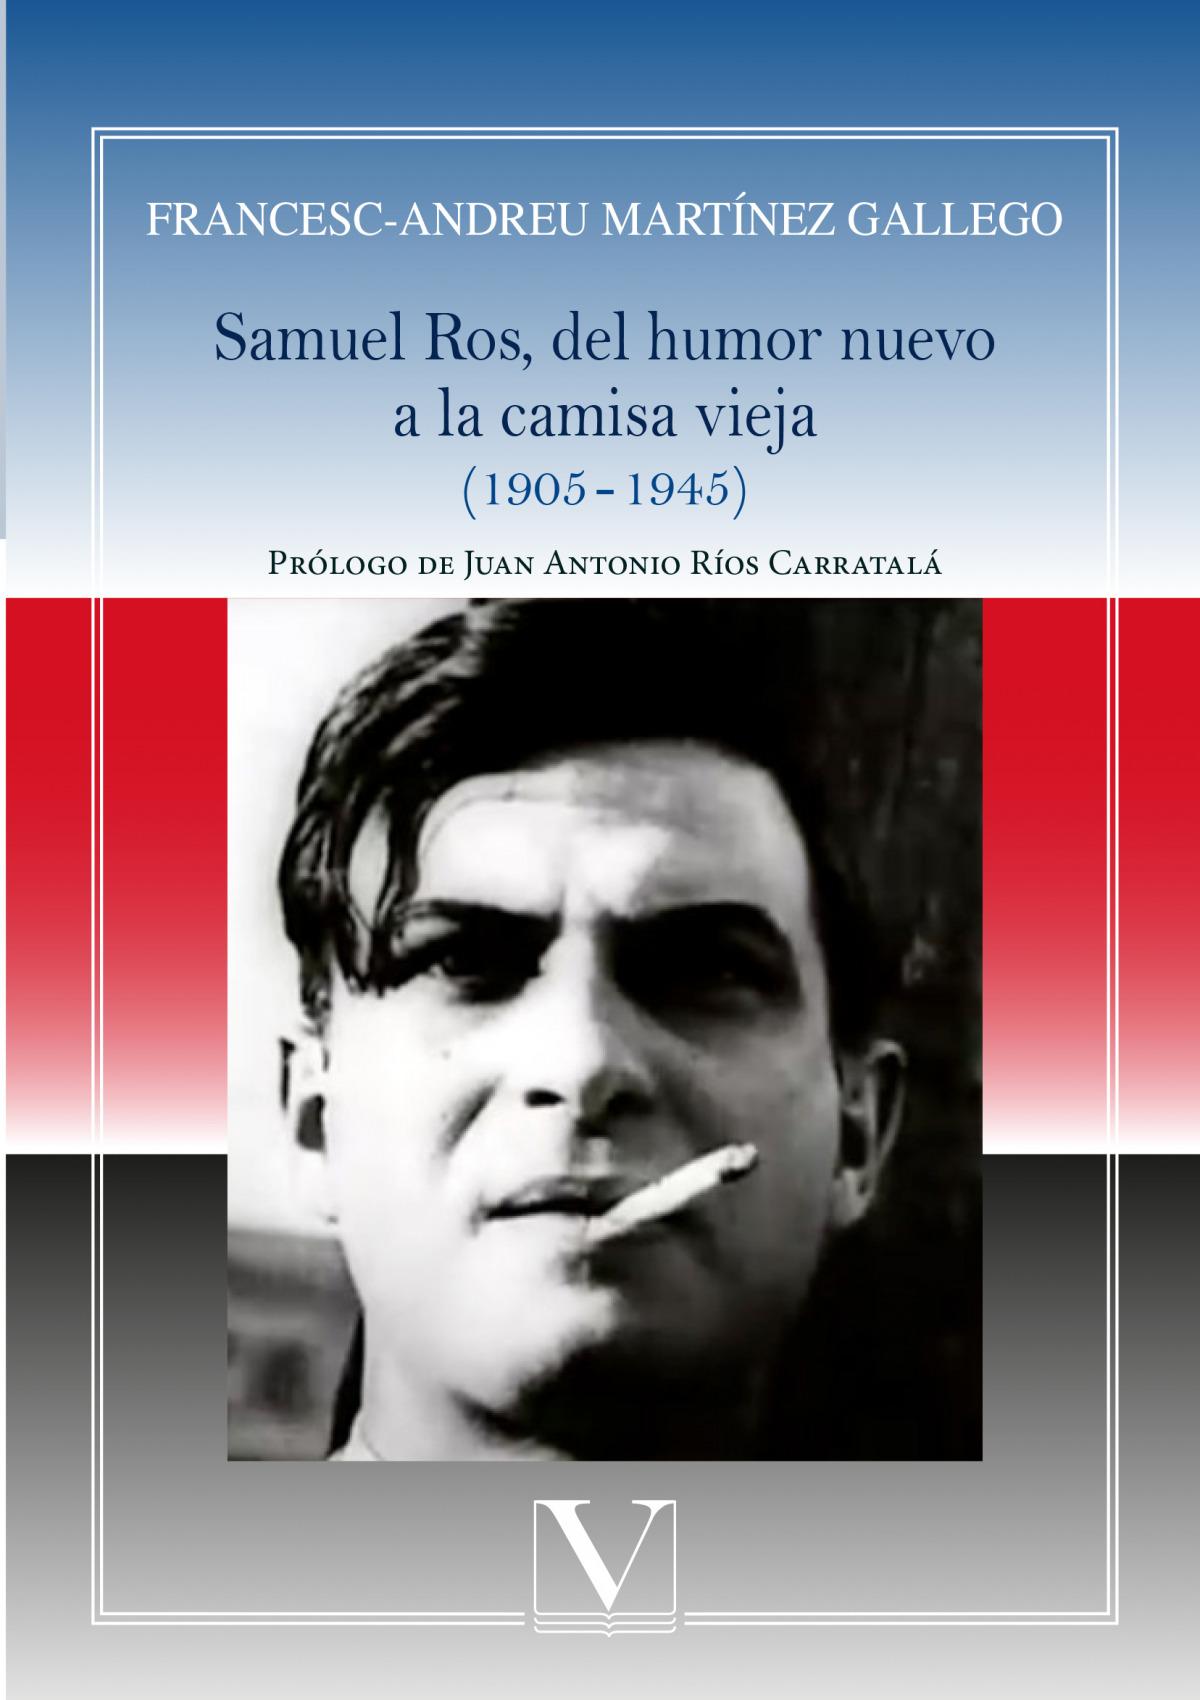 Samuel Ros, del humor nuevo a la camisa vieja